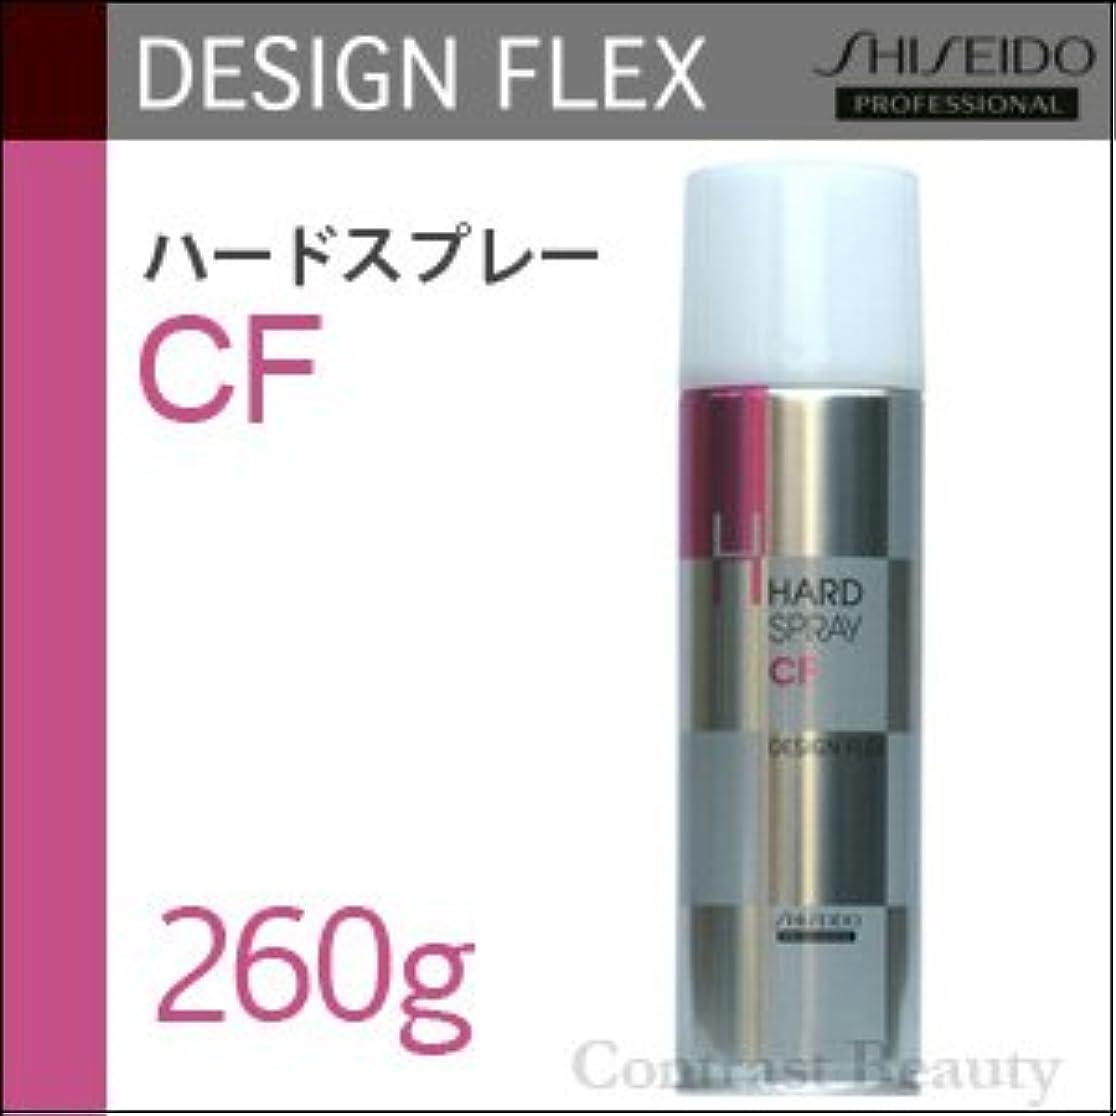 ブロックストレンジャー立法【x2個セット】 資生堂 デザインフレックス ハードスプレーCF 260g